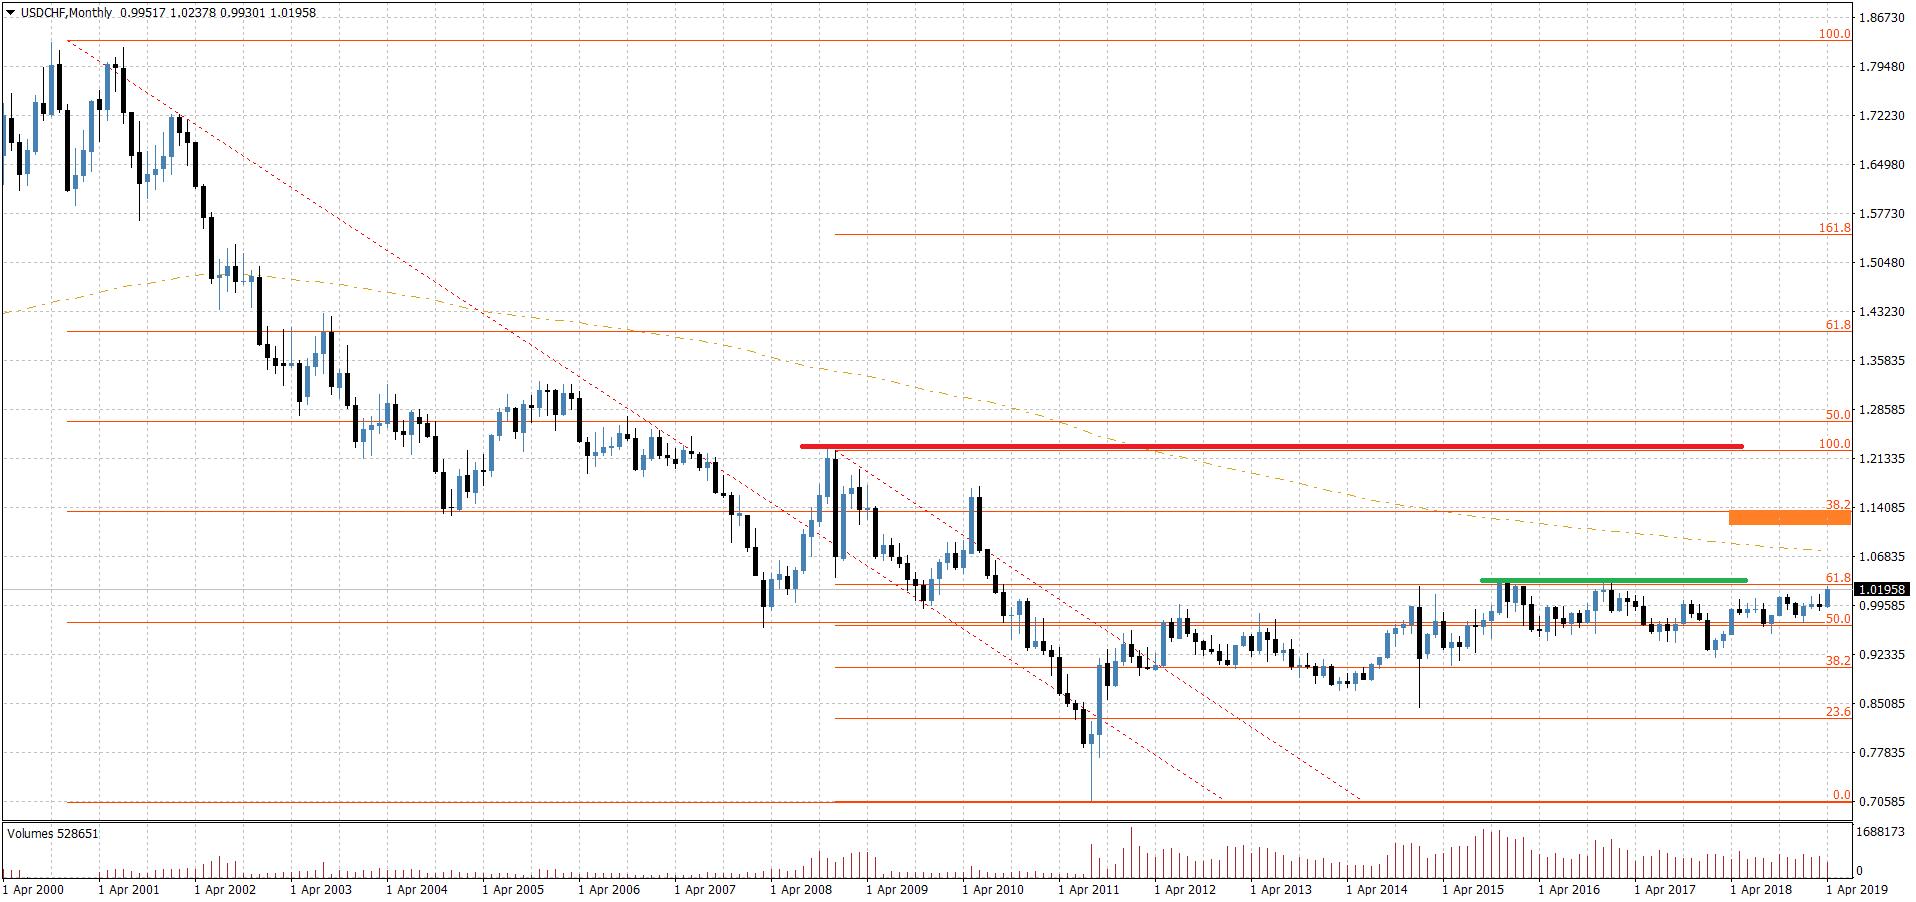 10 Jahre Chart-Entwicklung USD/CHF